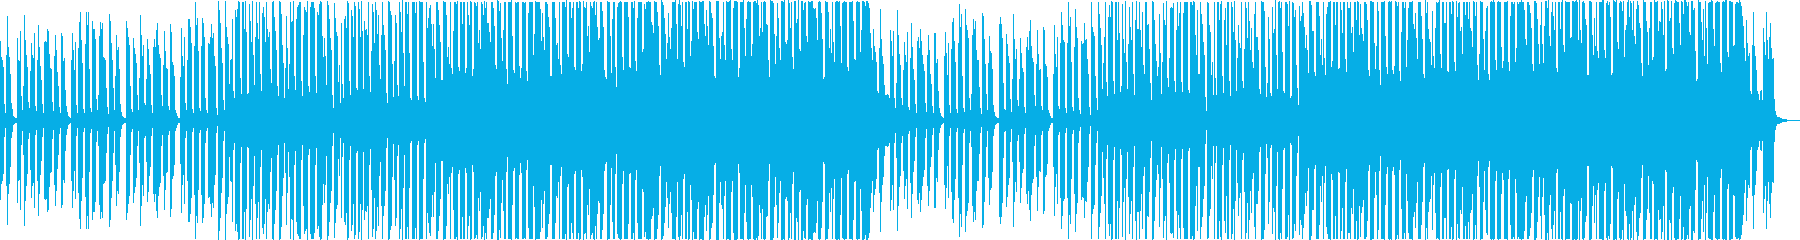 爽やかおしゃれかわいい軽快なボサノバaの再生済みの波形